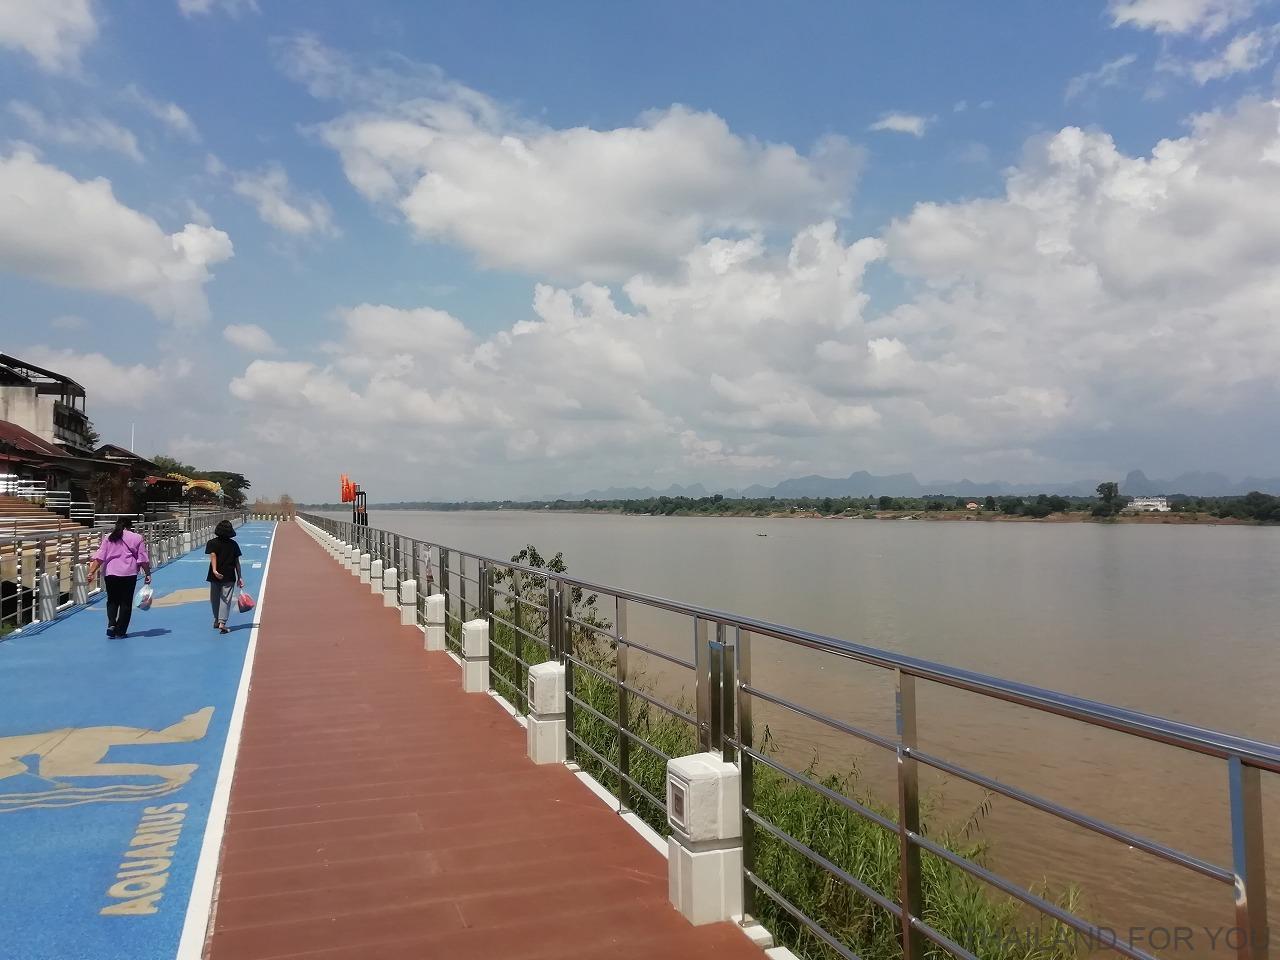 ナコンパノム タイ メコン川